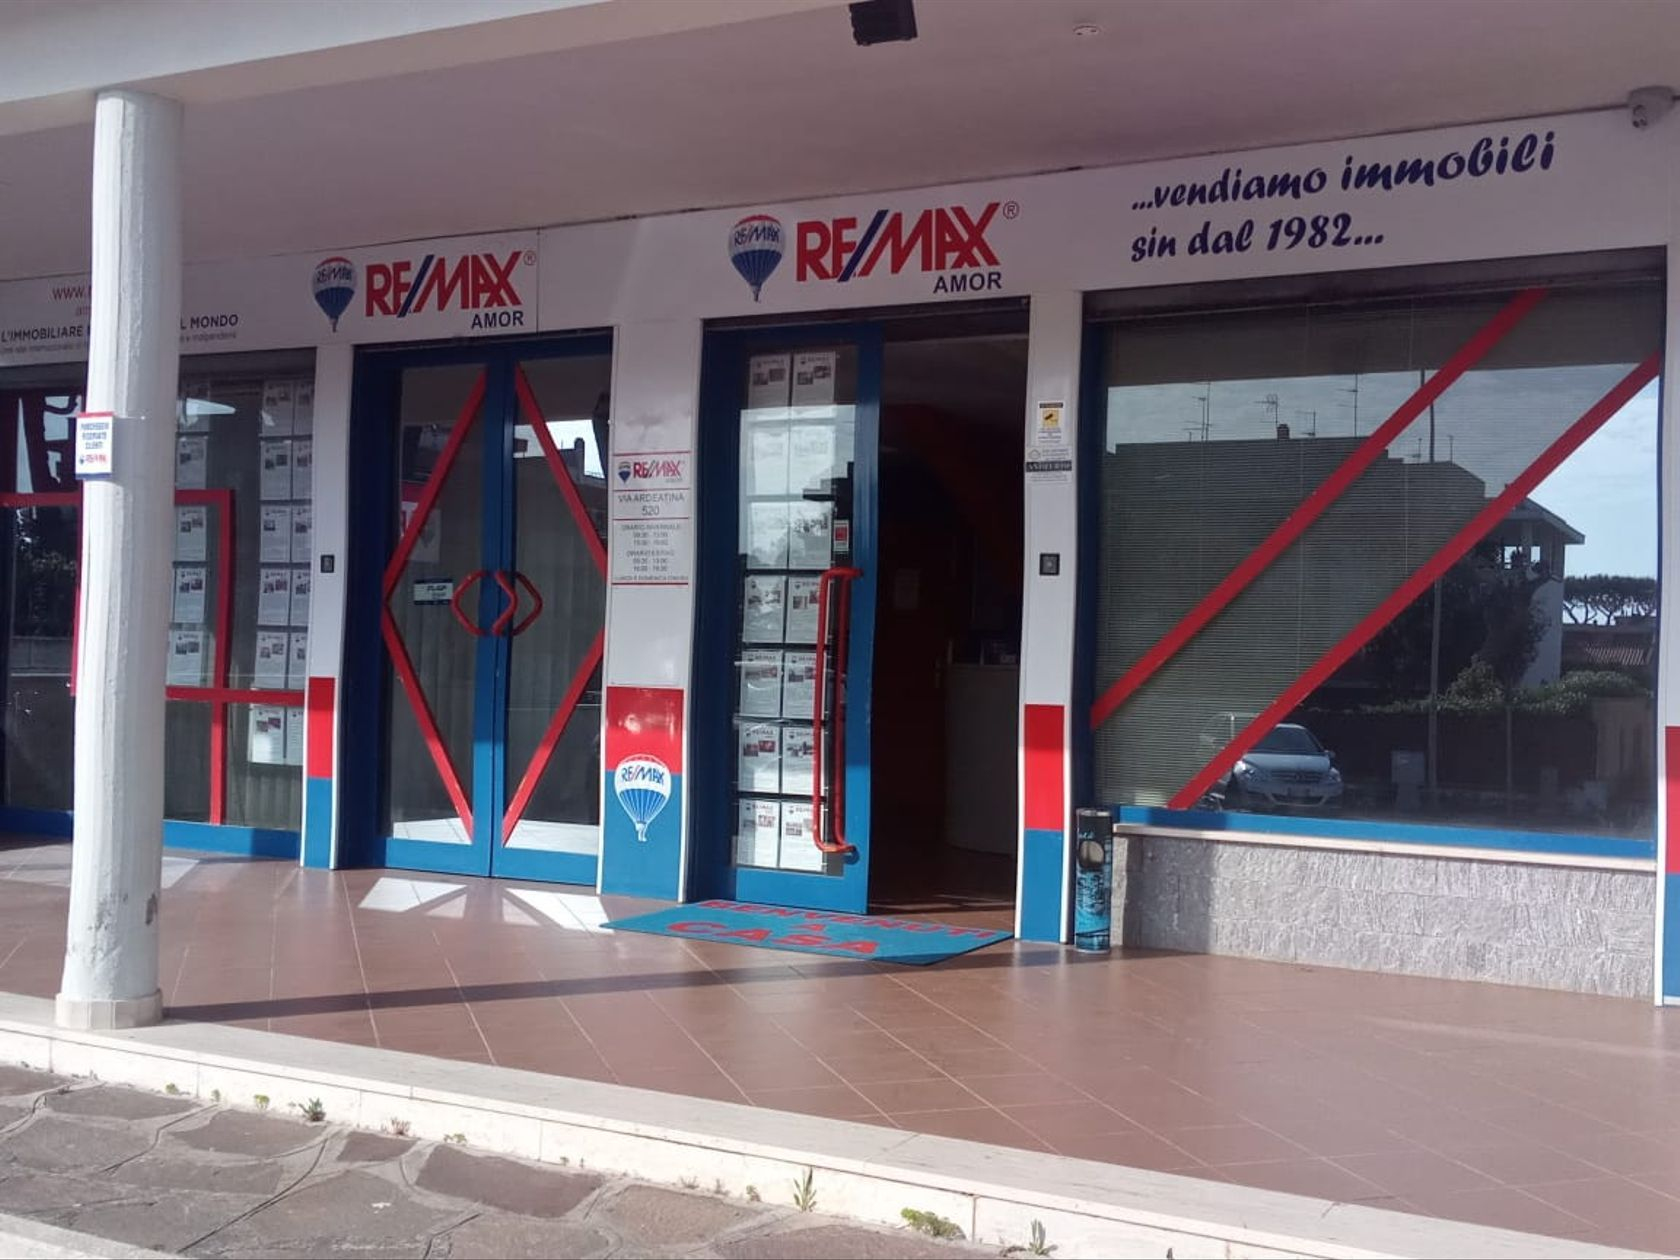 RE/MAX Amor Anzio - Foto 3